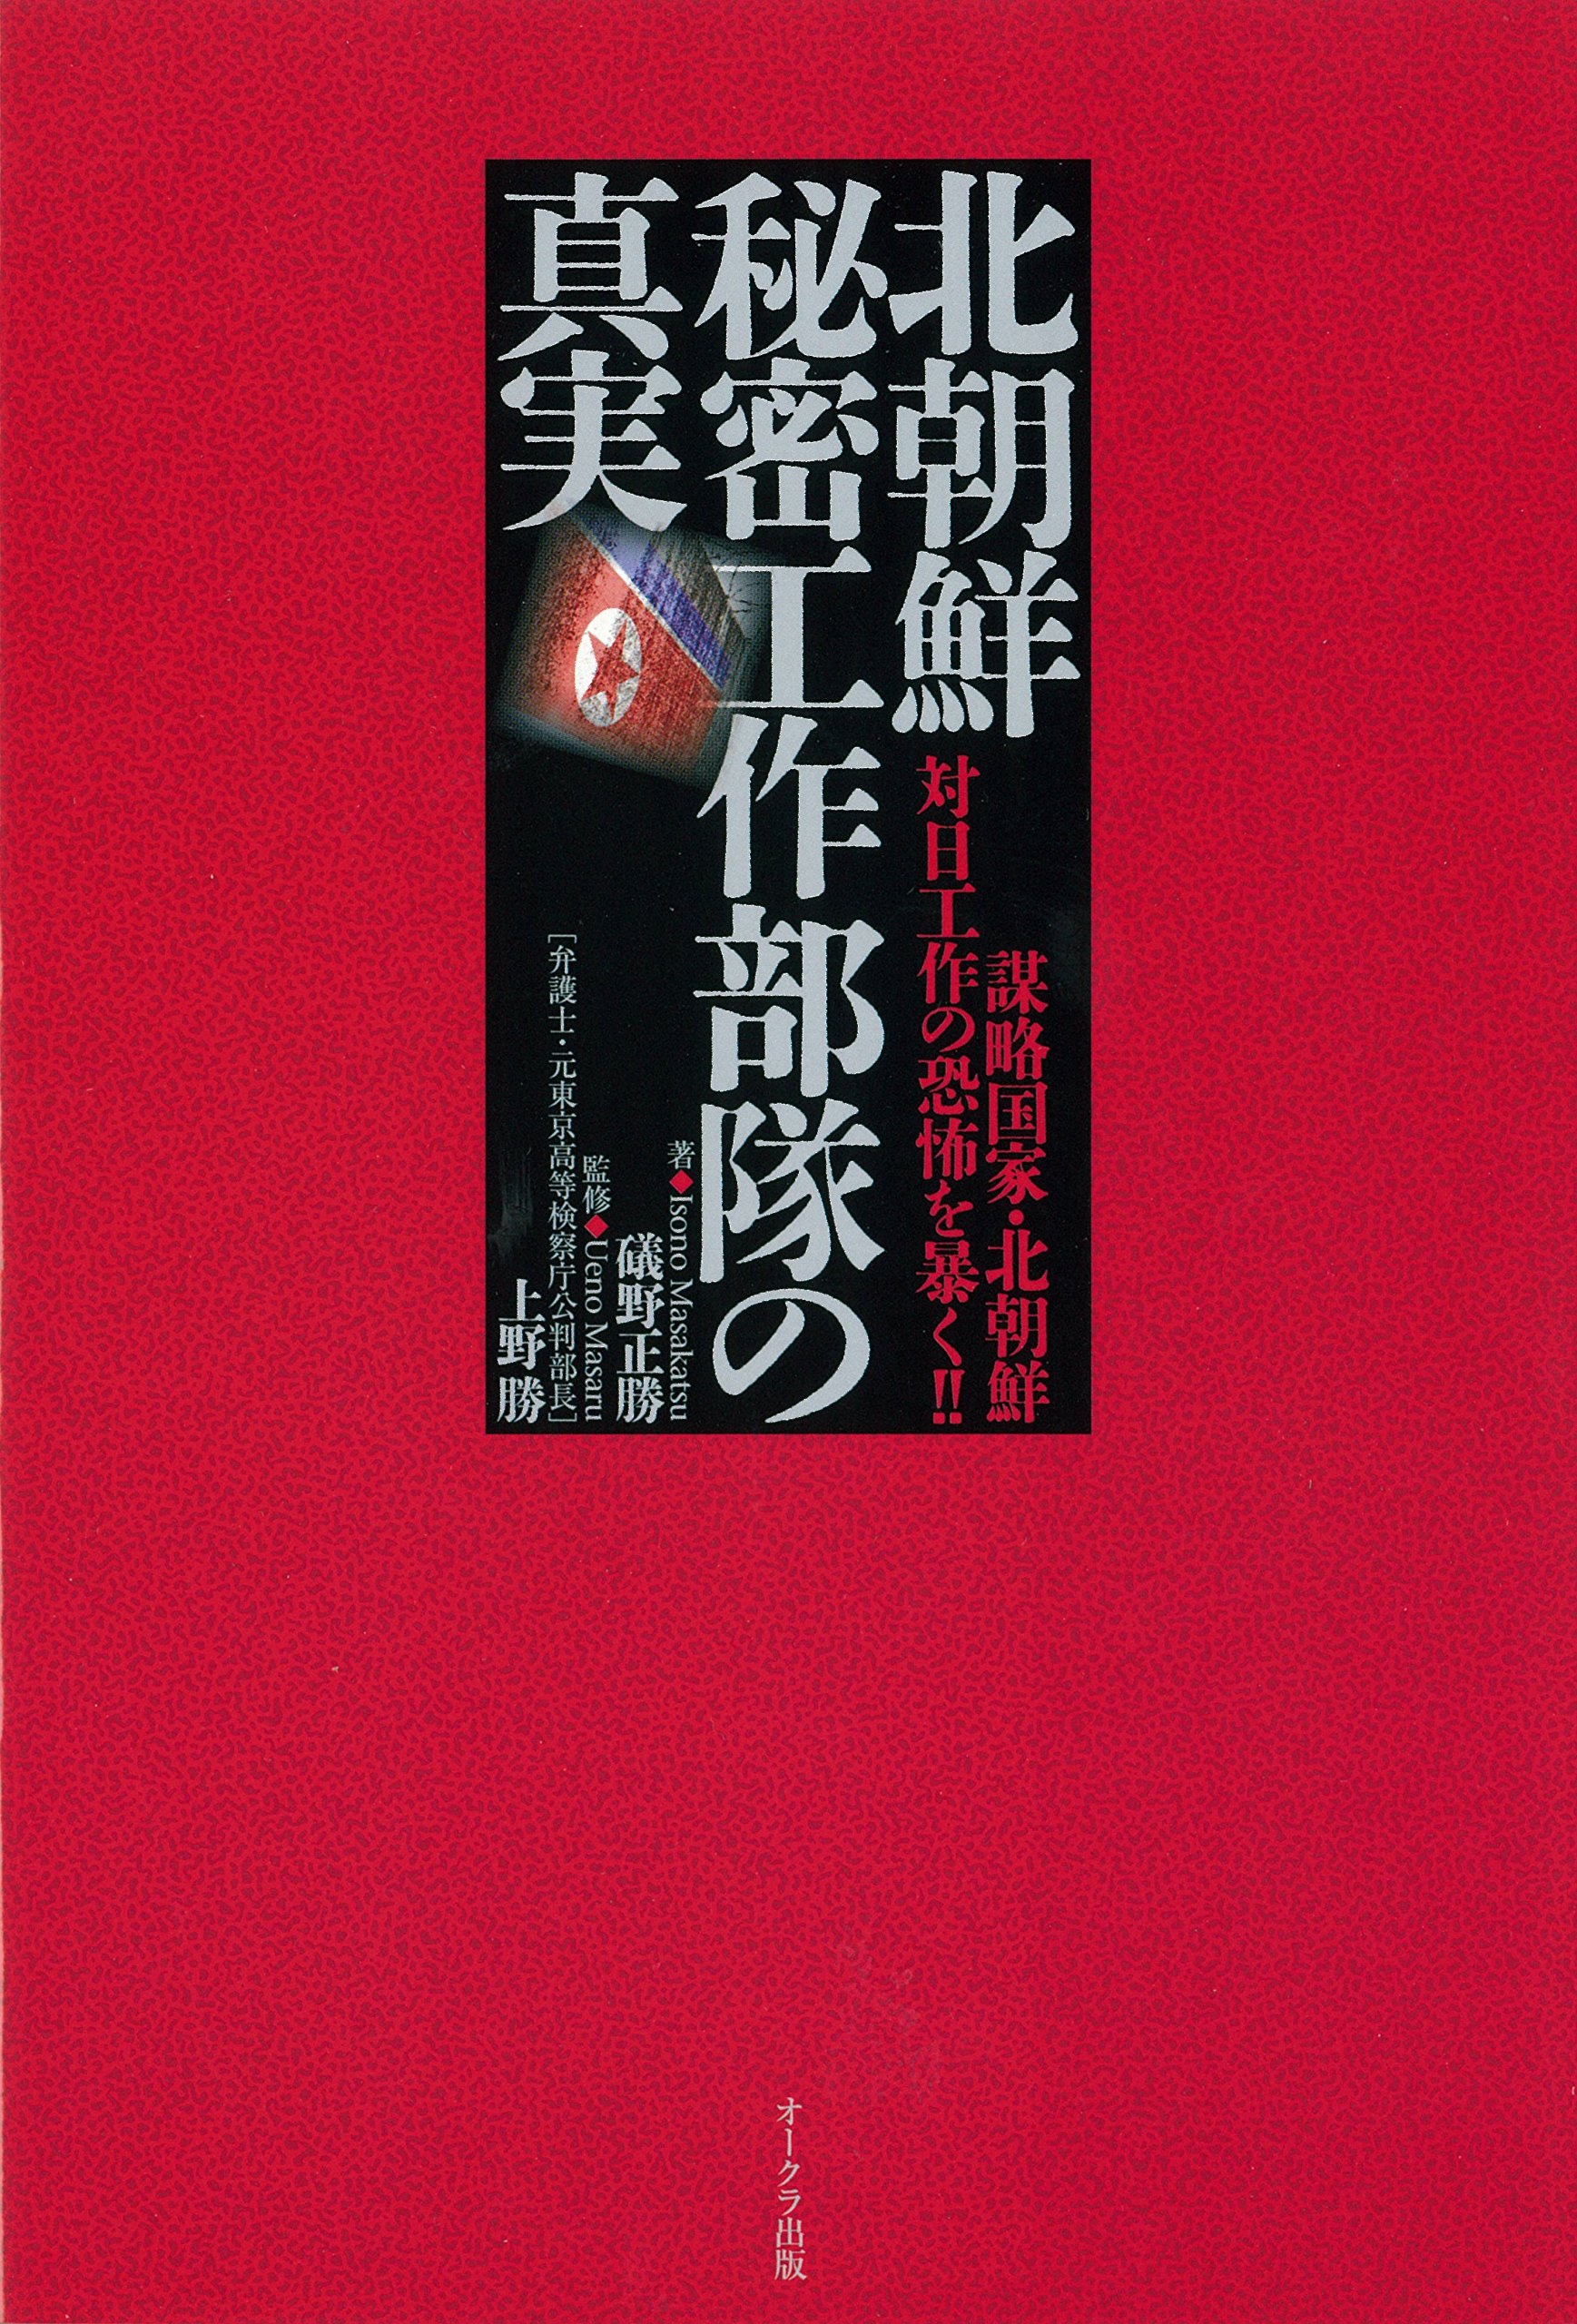 Download Kitachosen himitsu kosaku butai no shinjitsu : Boryaku kokka kitachosen tainichi kosaku no kyofu o abaku. ebook